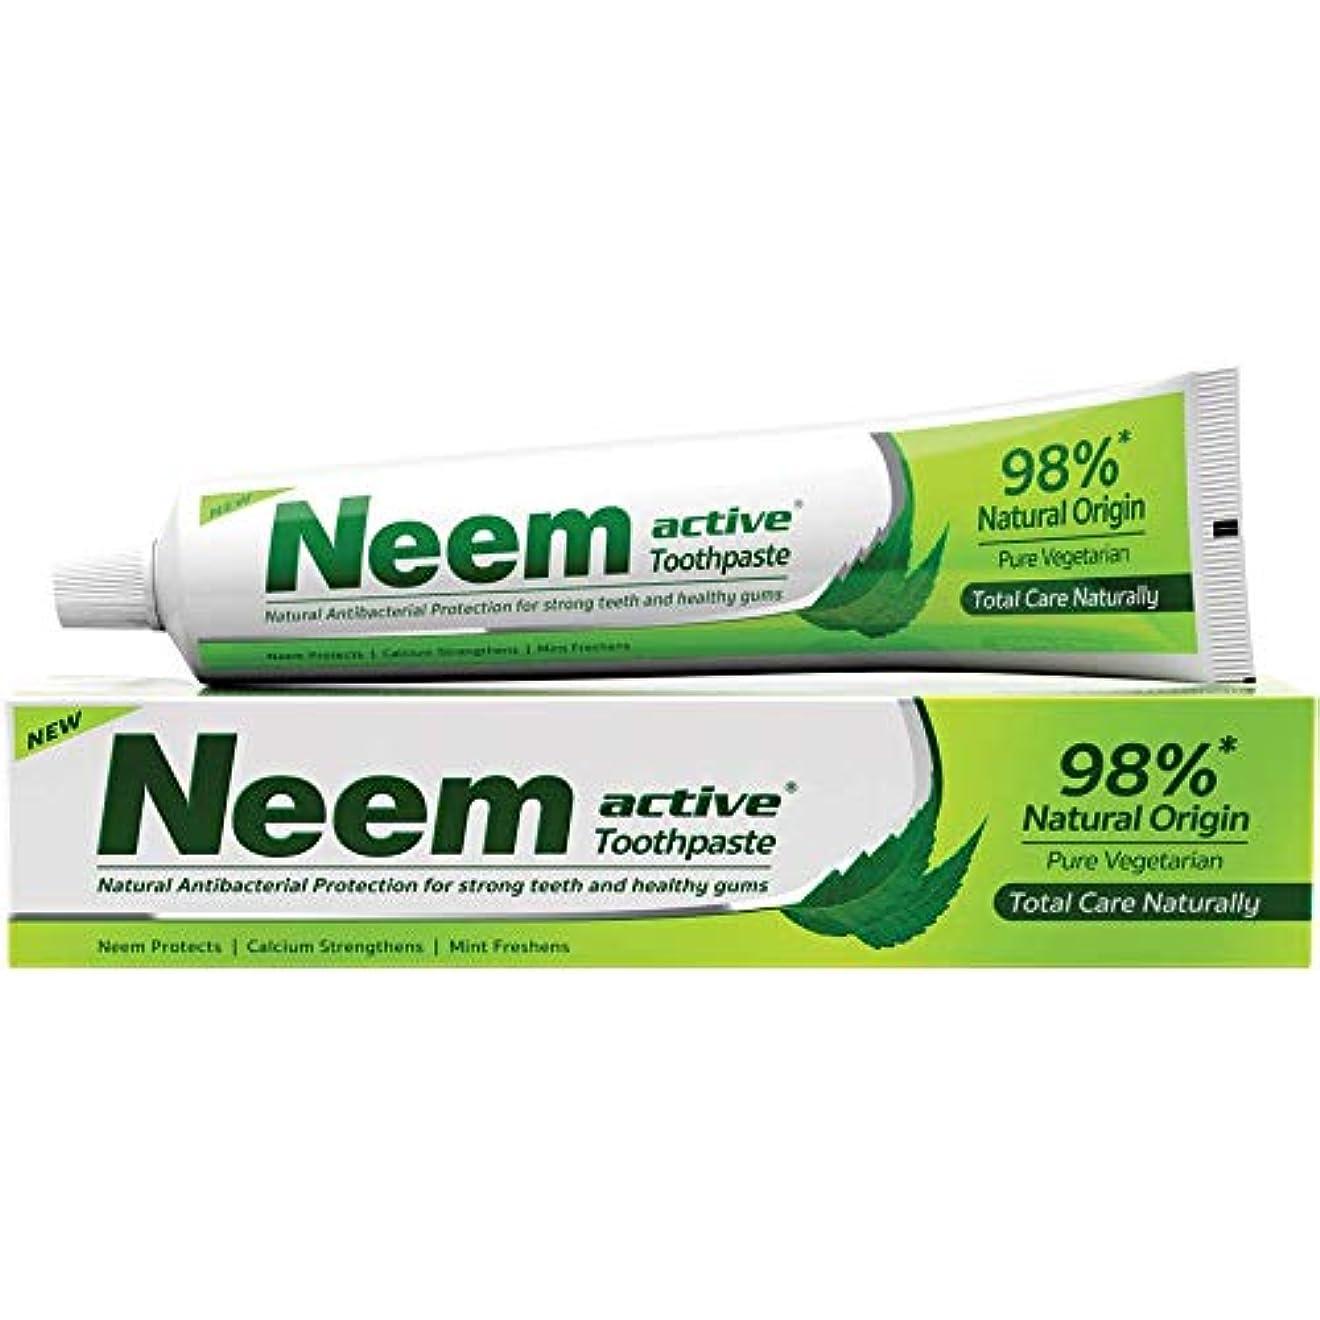 報告書日光付録Neem Active Toothpaste (Natural Protection for Strong Teeth & Healthy Gums) by Henkel